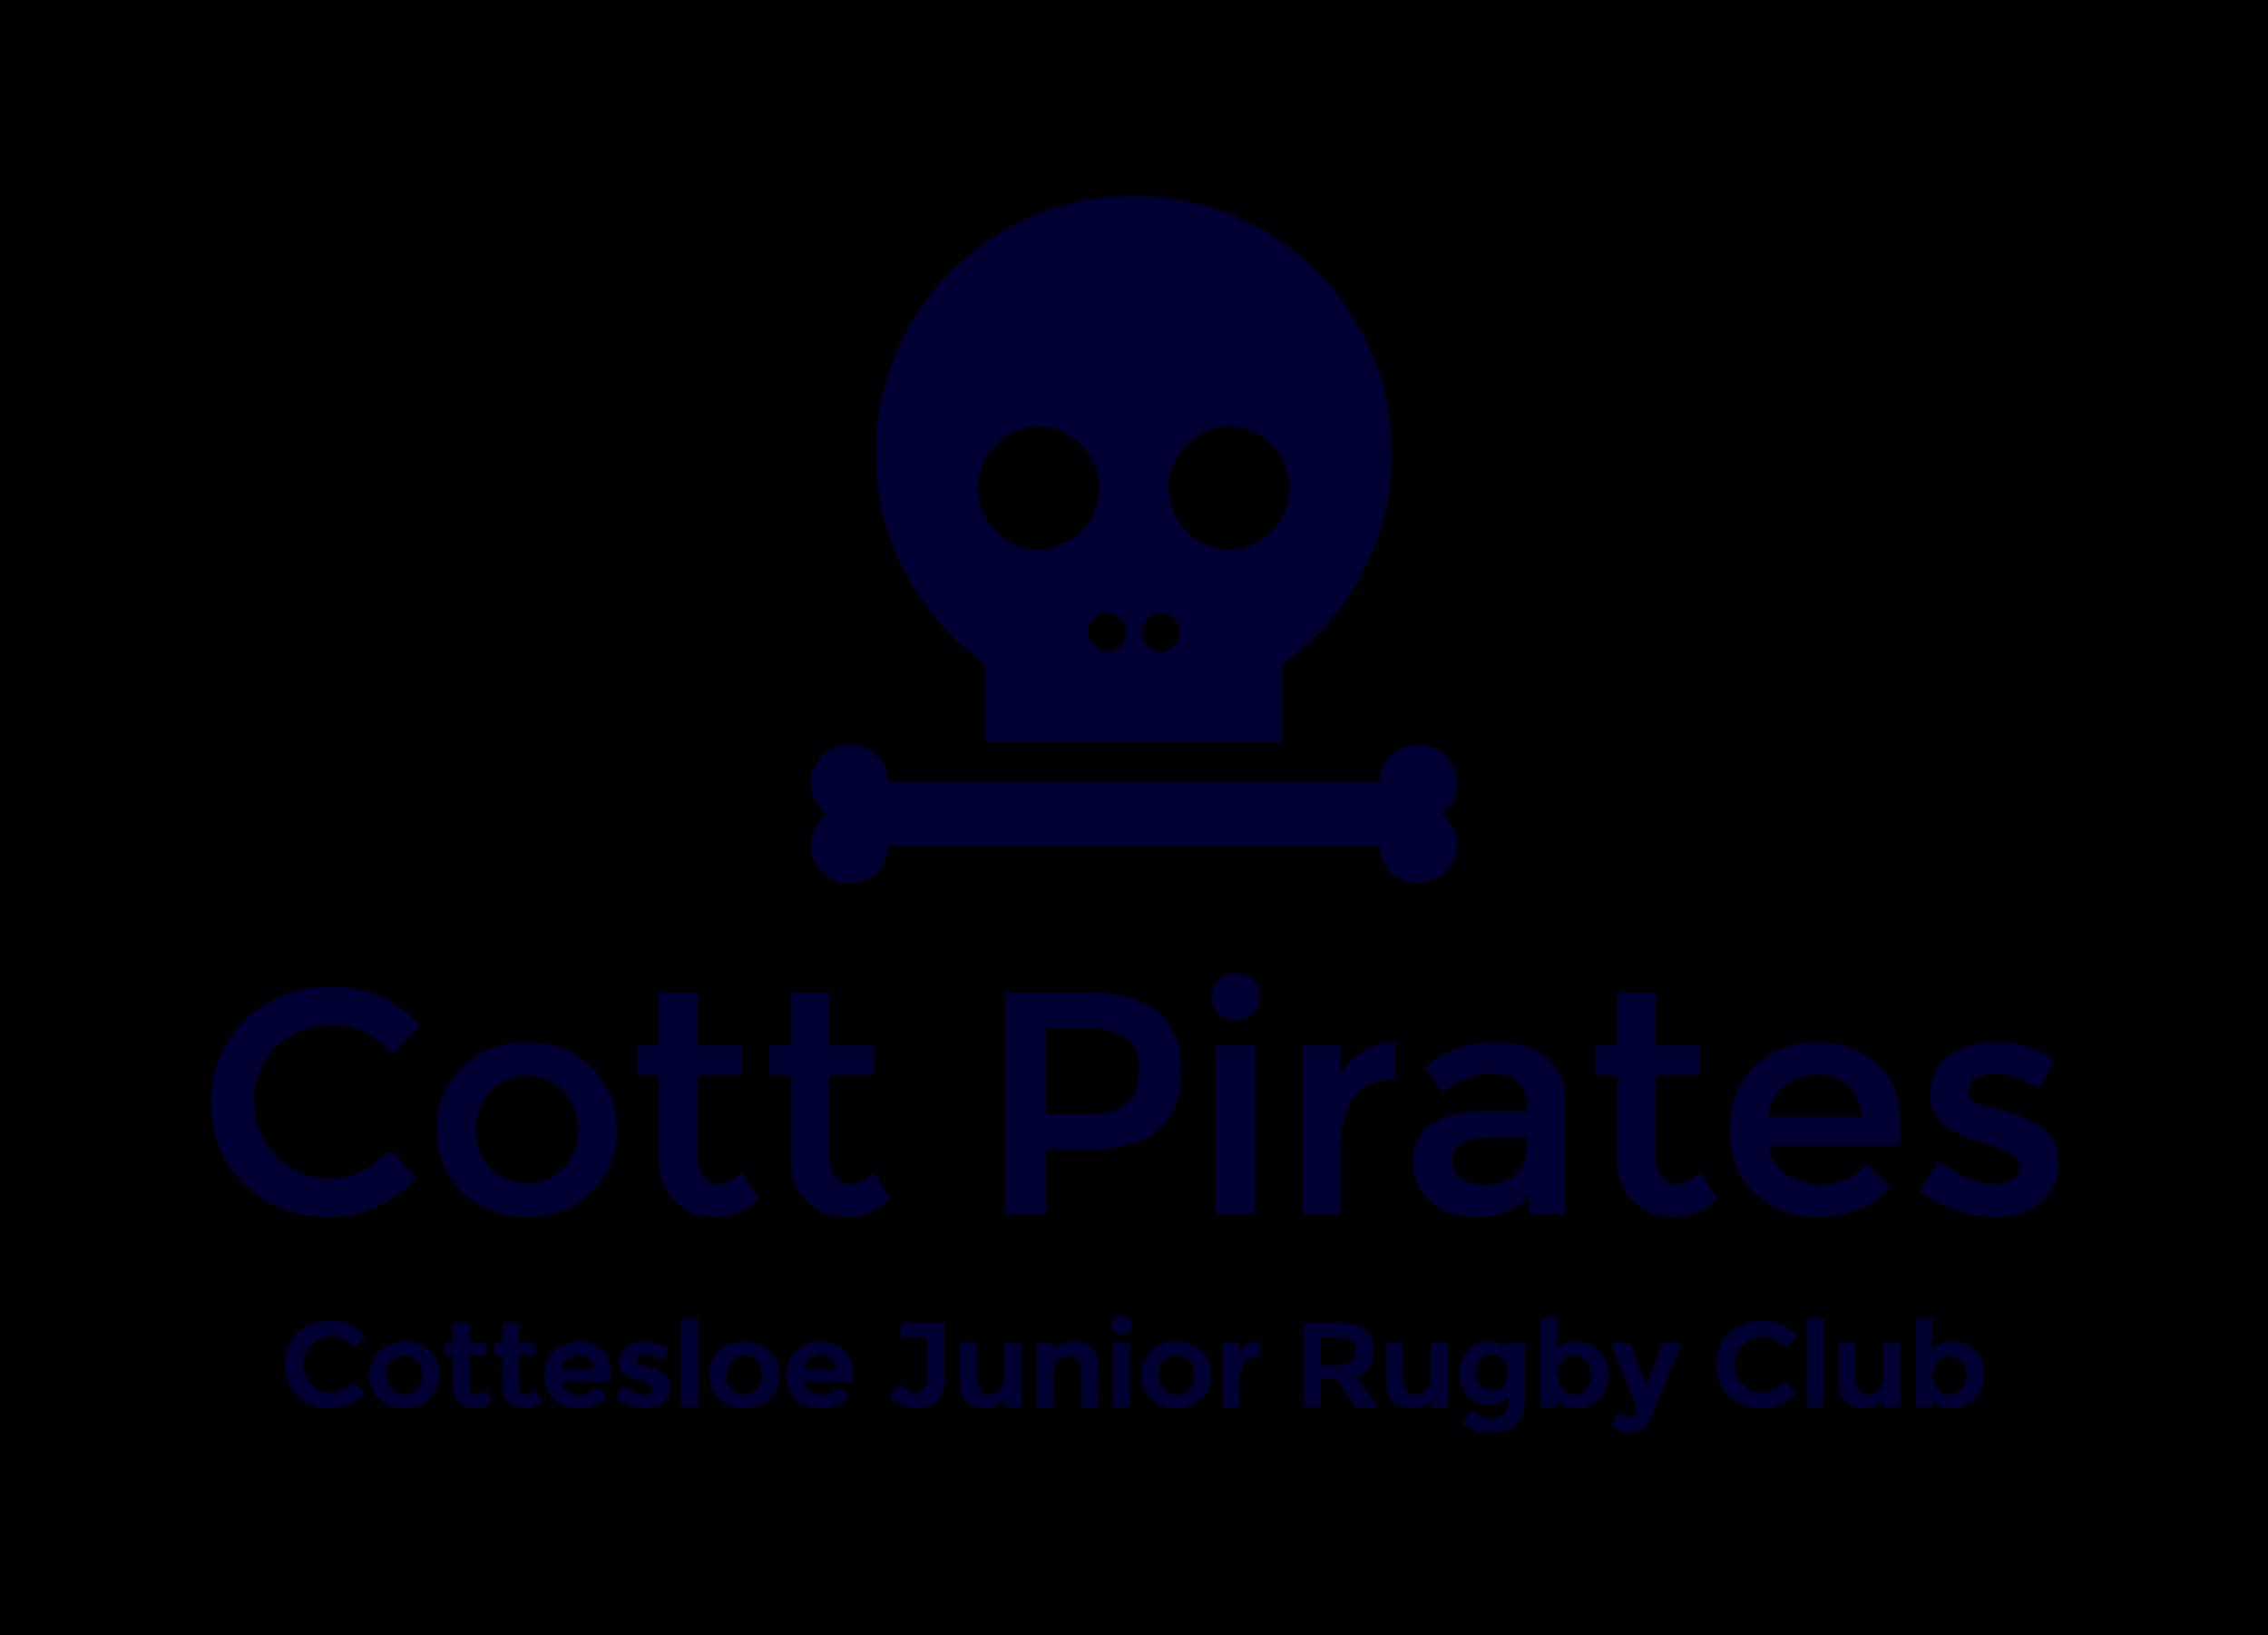 cott pirates